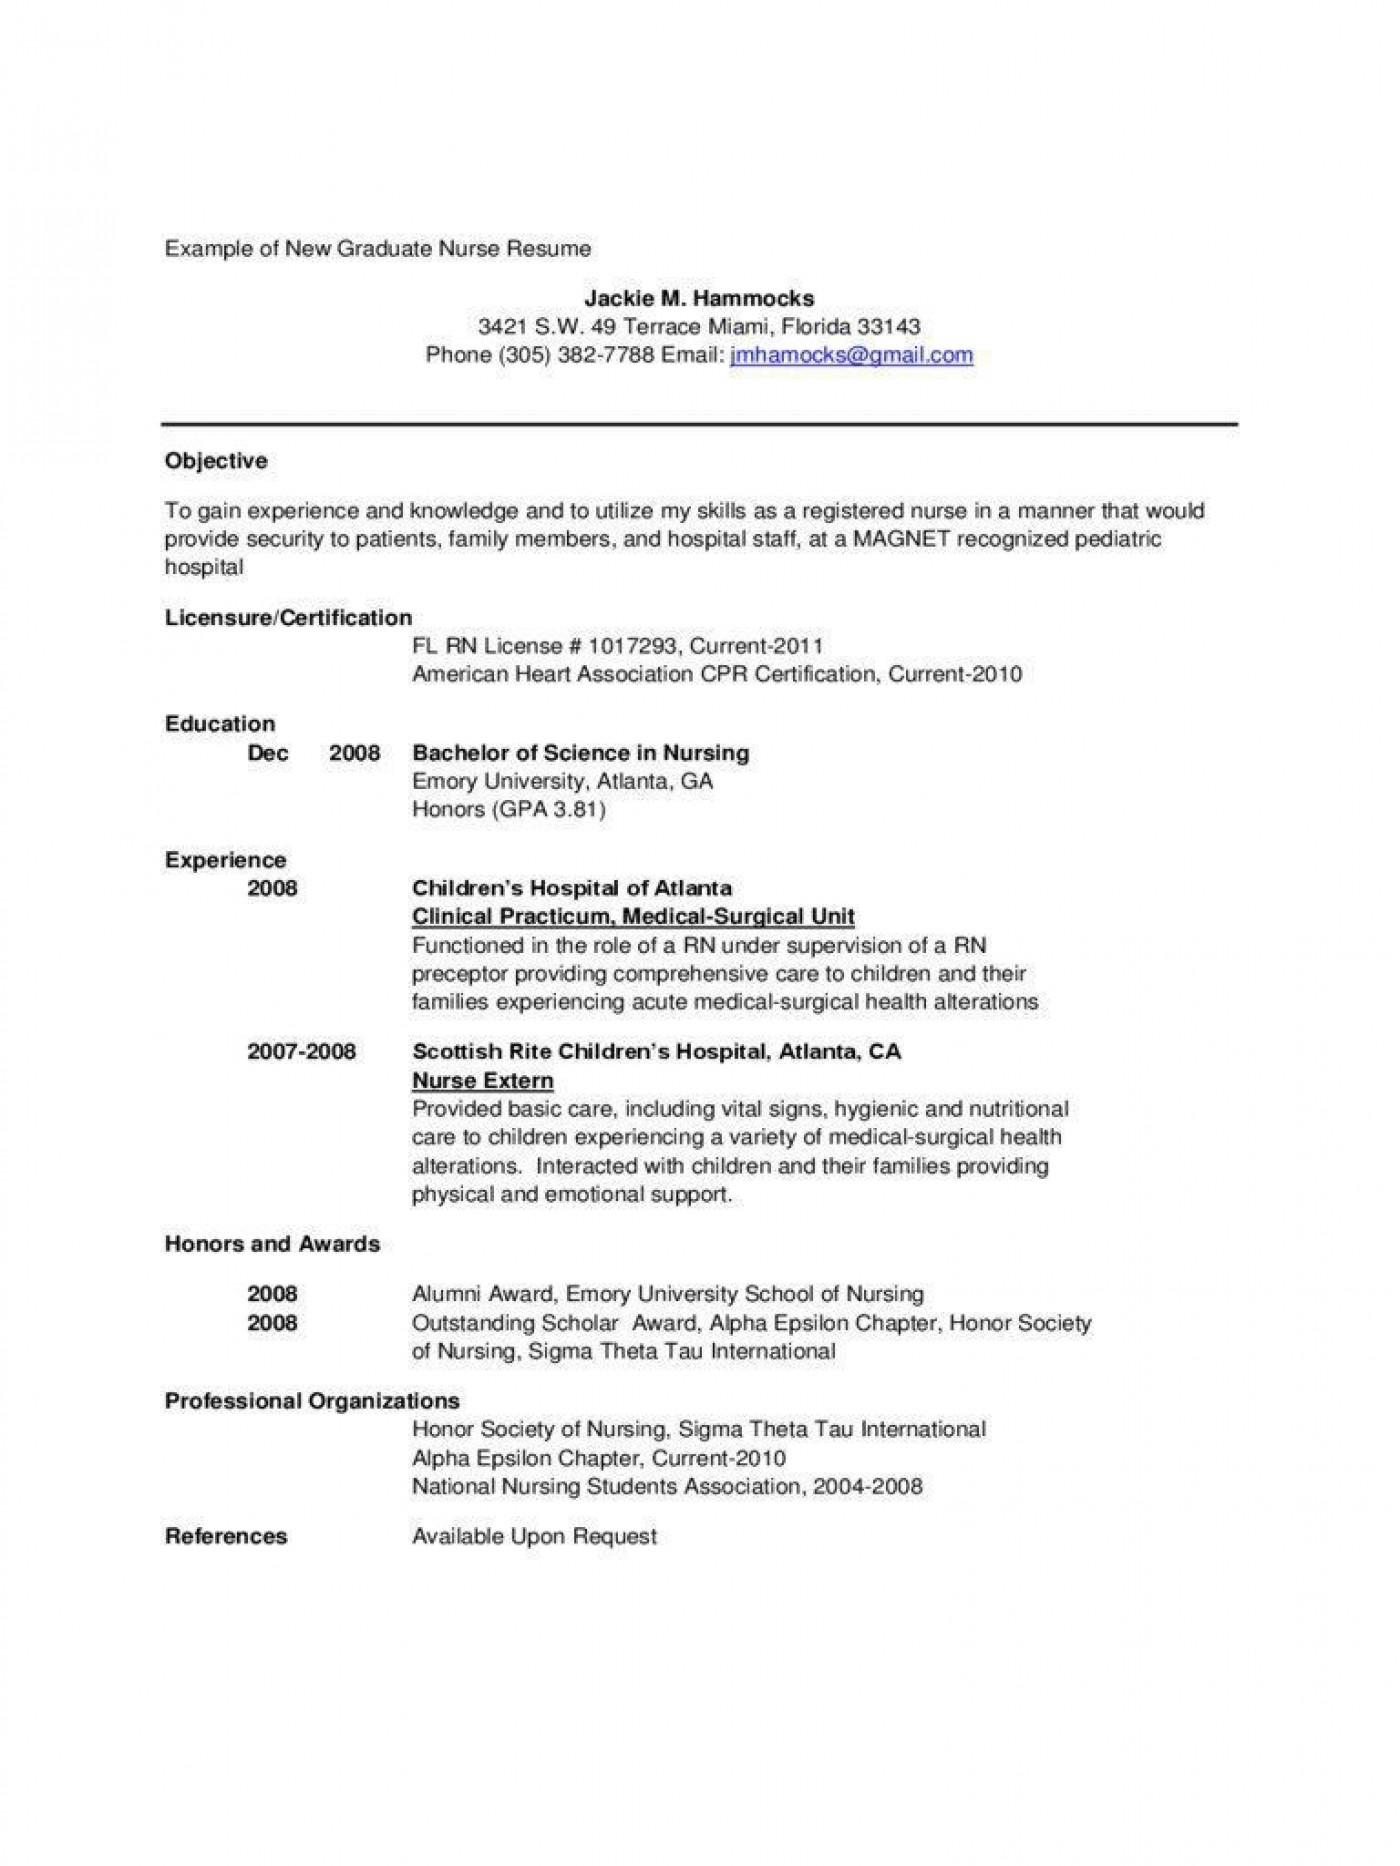 002 Amazing Rn Graduate Resume Template Idea  New Grad Nurse1400